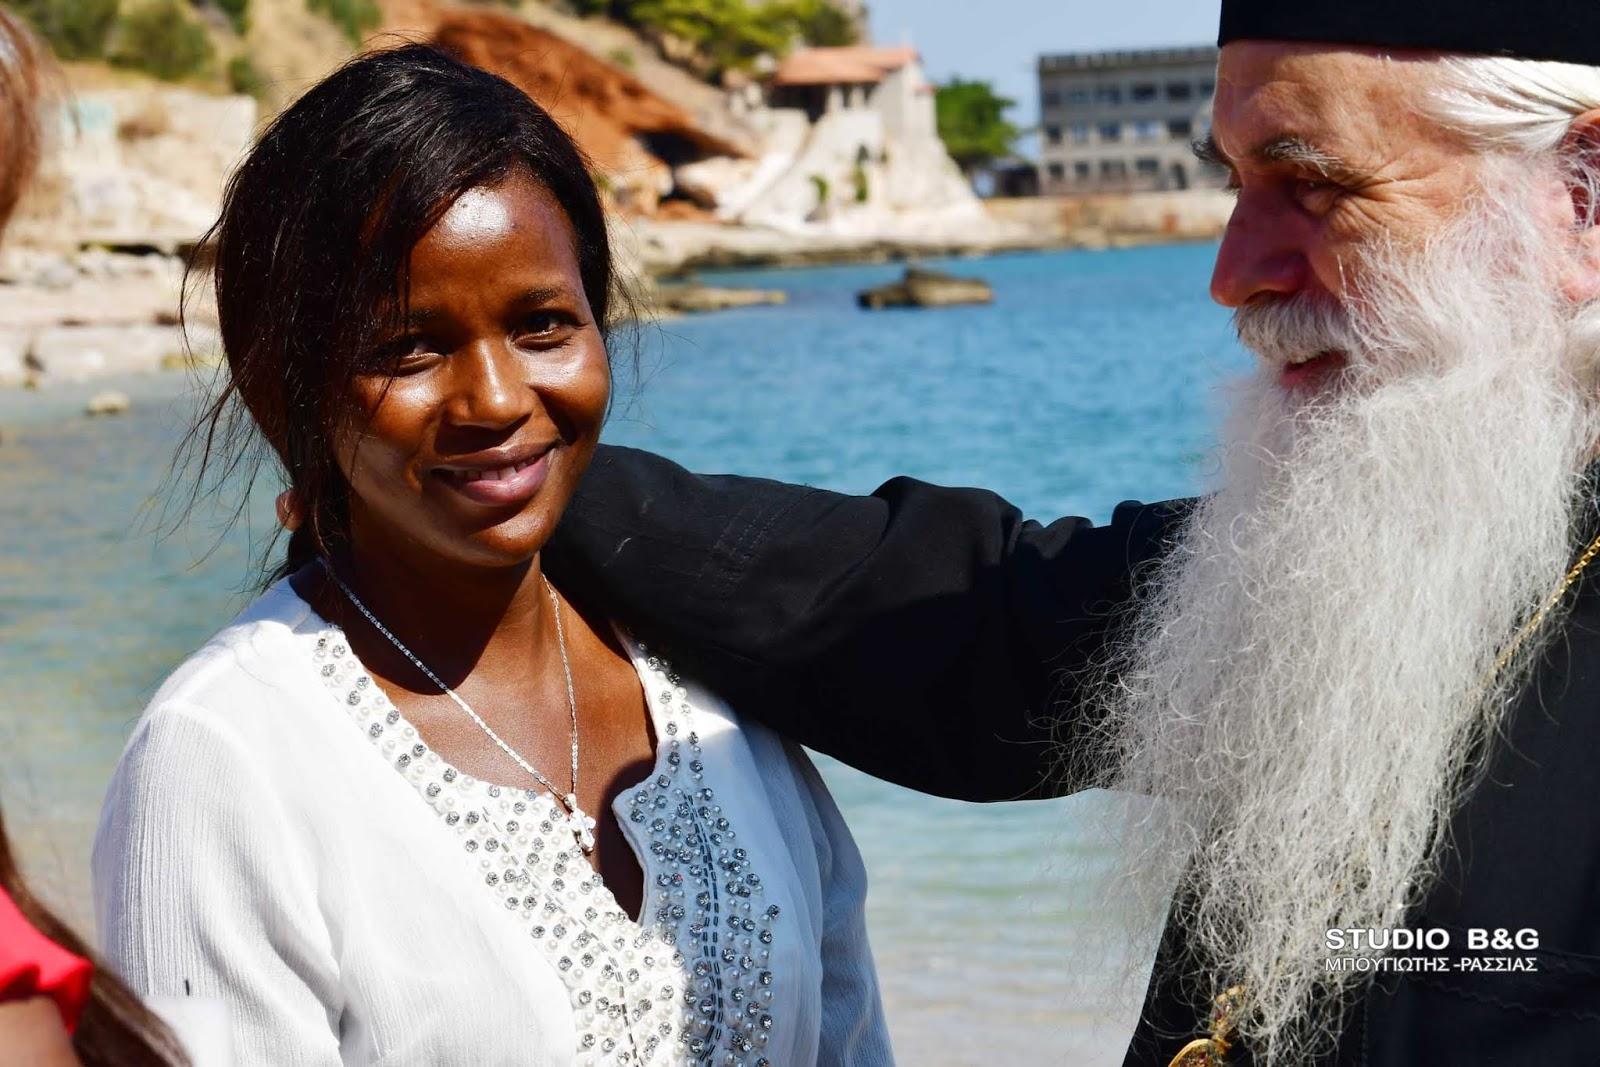 Βάπτιση στον Ανάβαλο Κιβερίου από τον Μητροπολίτη Αργολίδος κ. Νεκτάριο